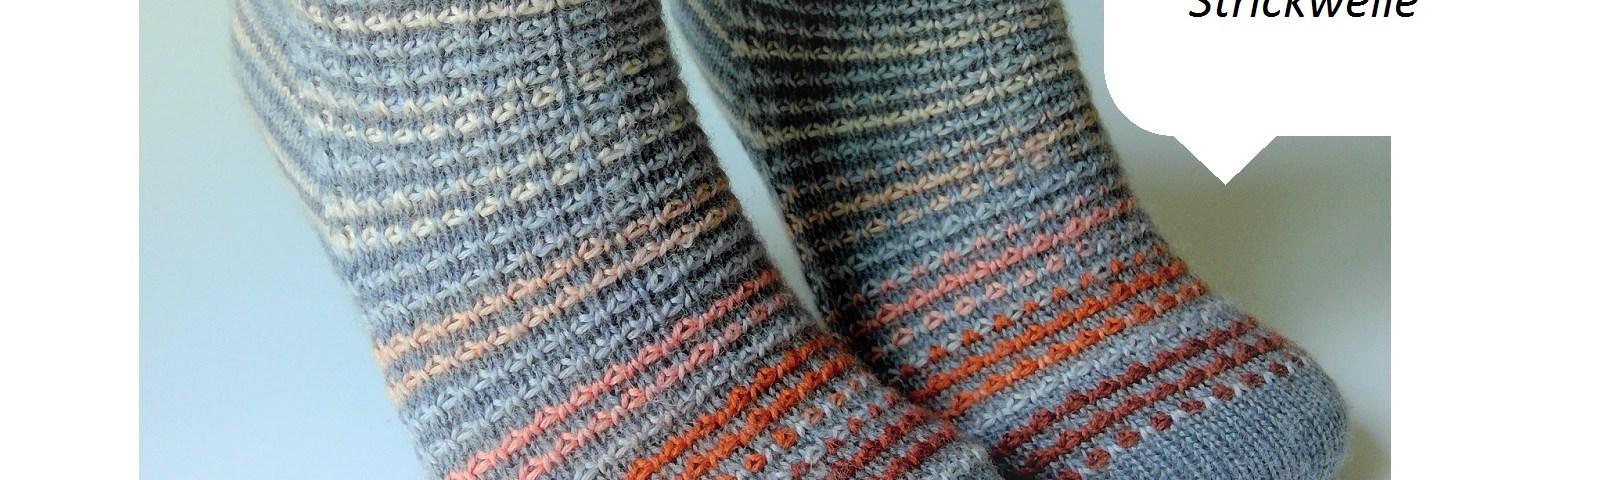 kleine-Strickwelle Strickabenteuer Socken handegestrickt